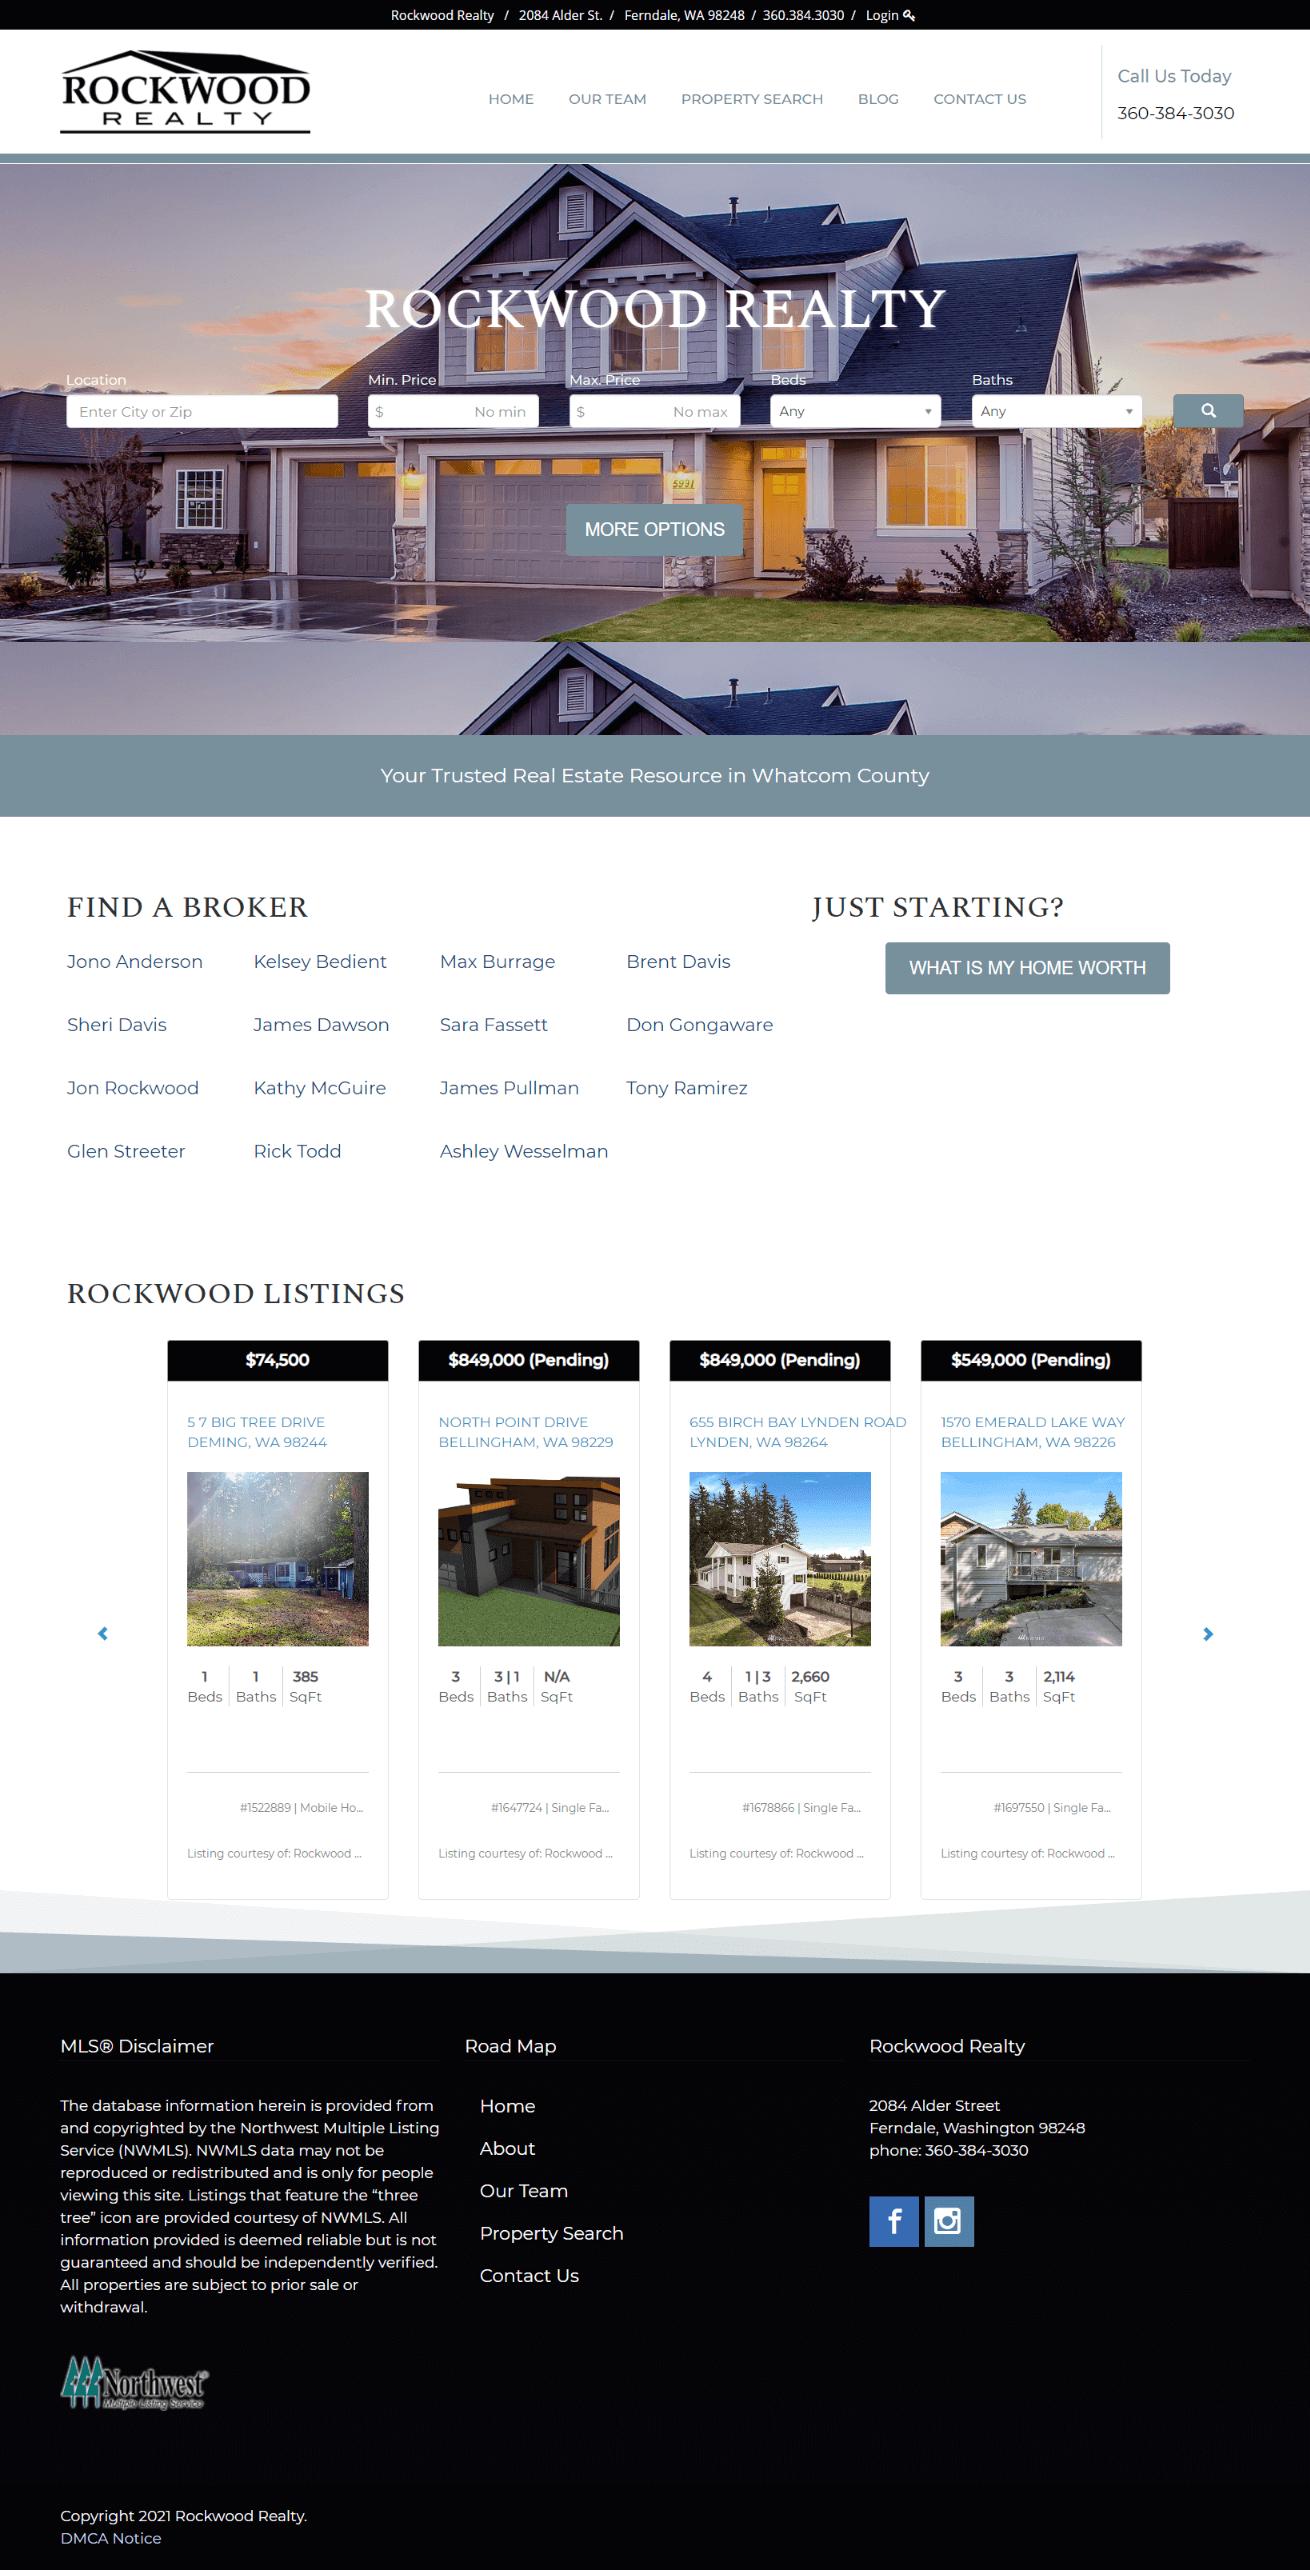 Rockwood Realty Homepage Screenshot